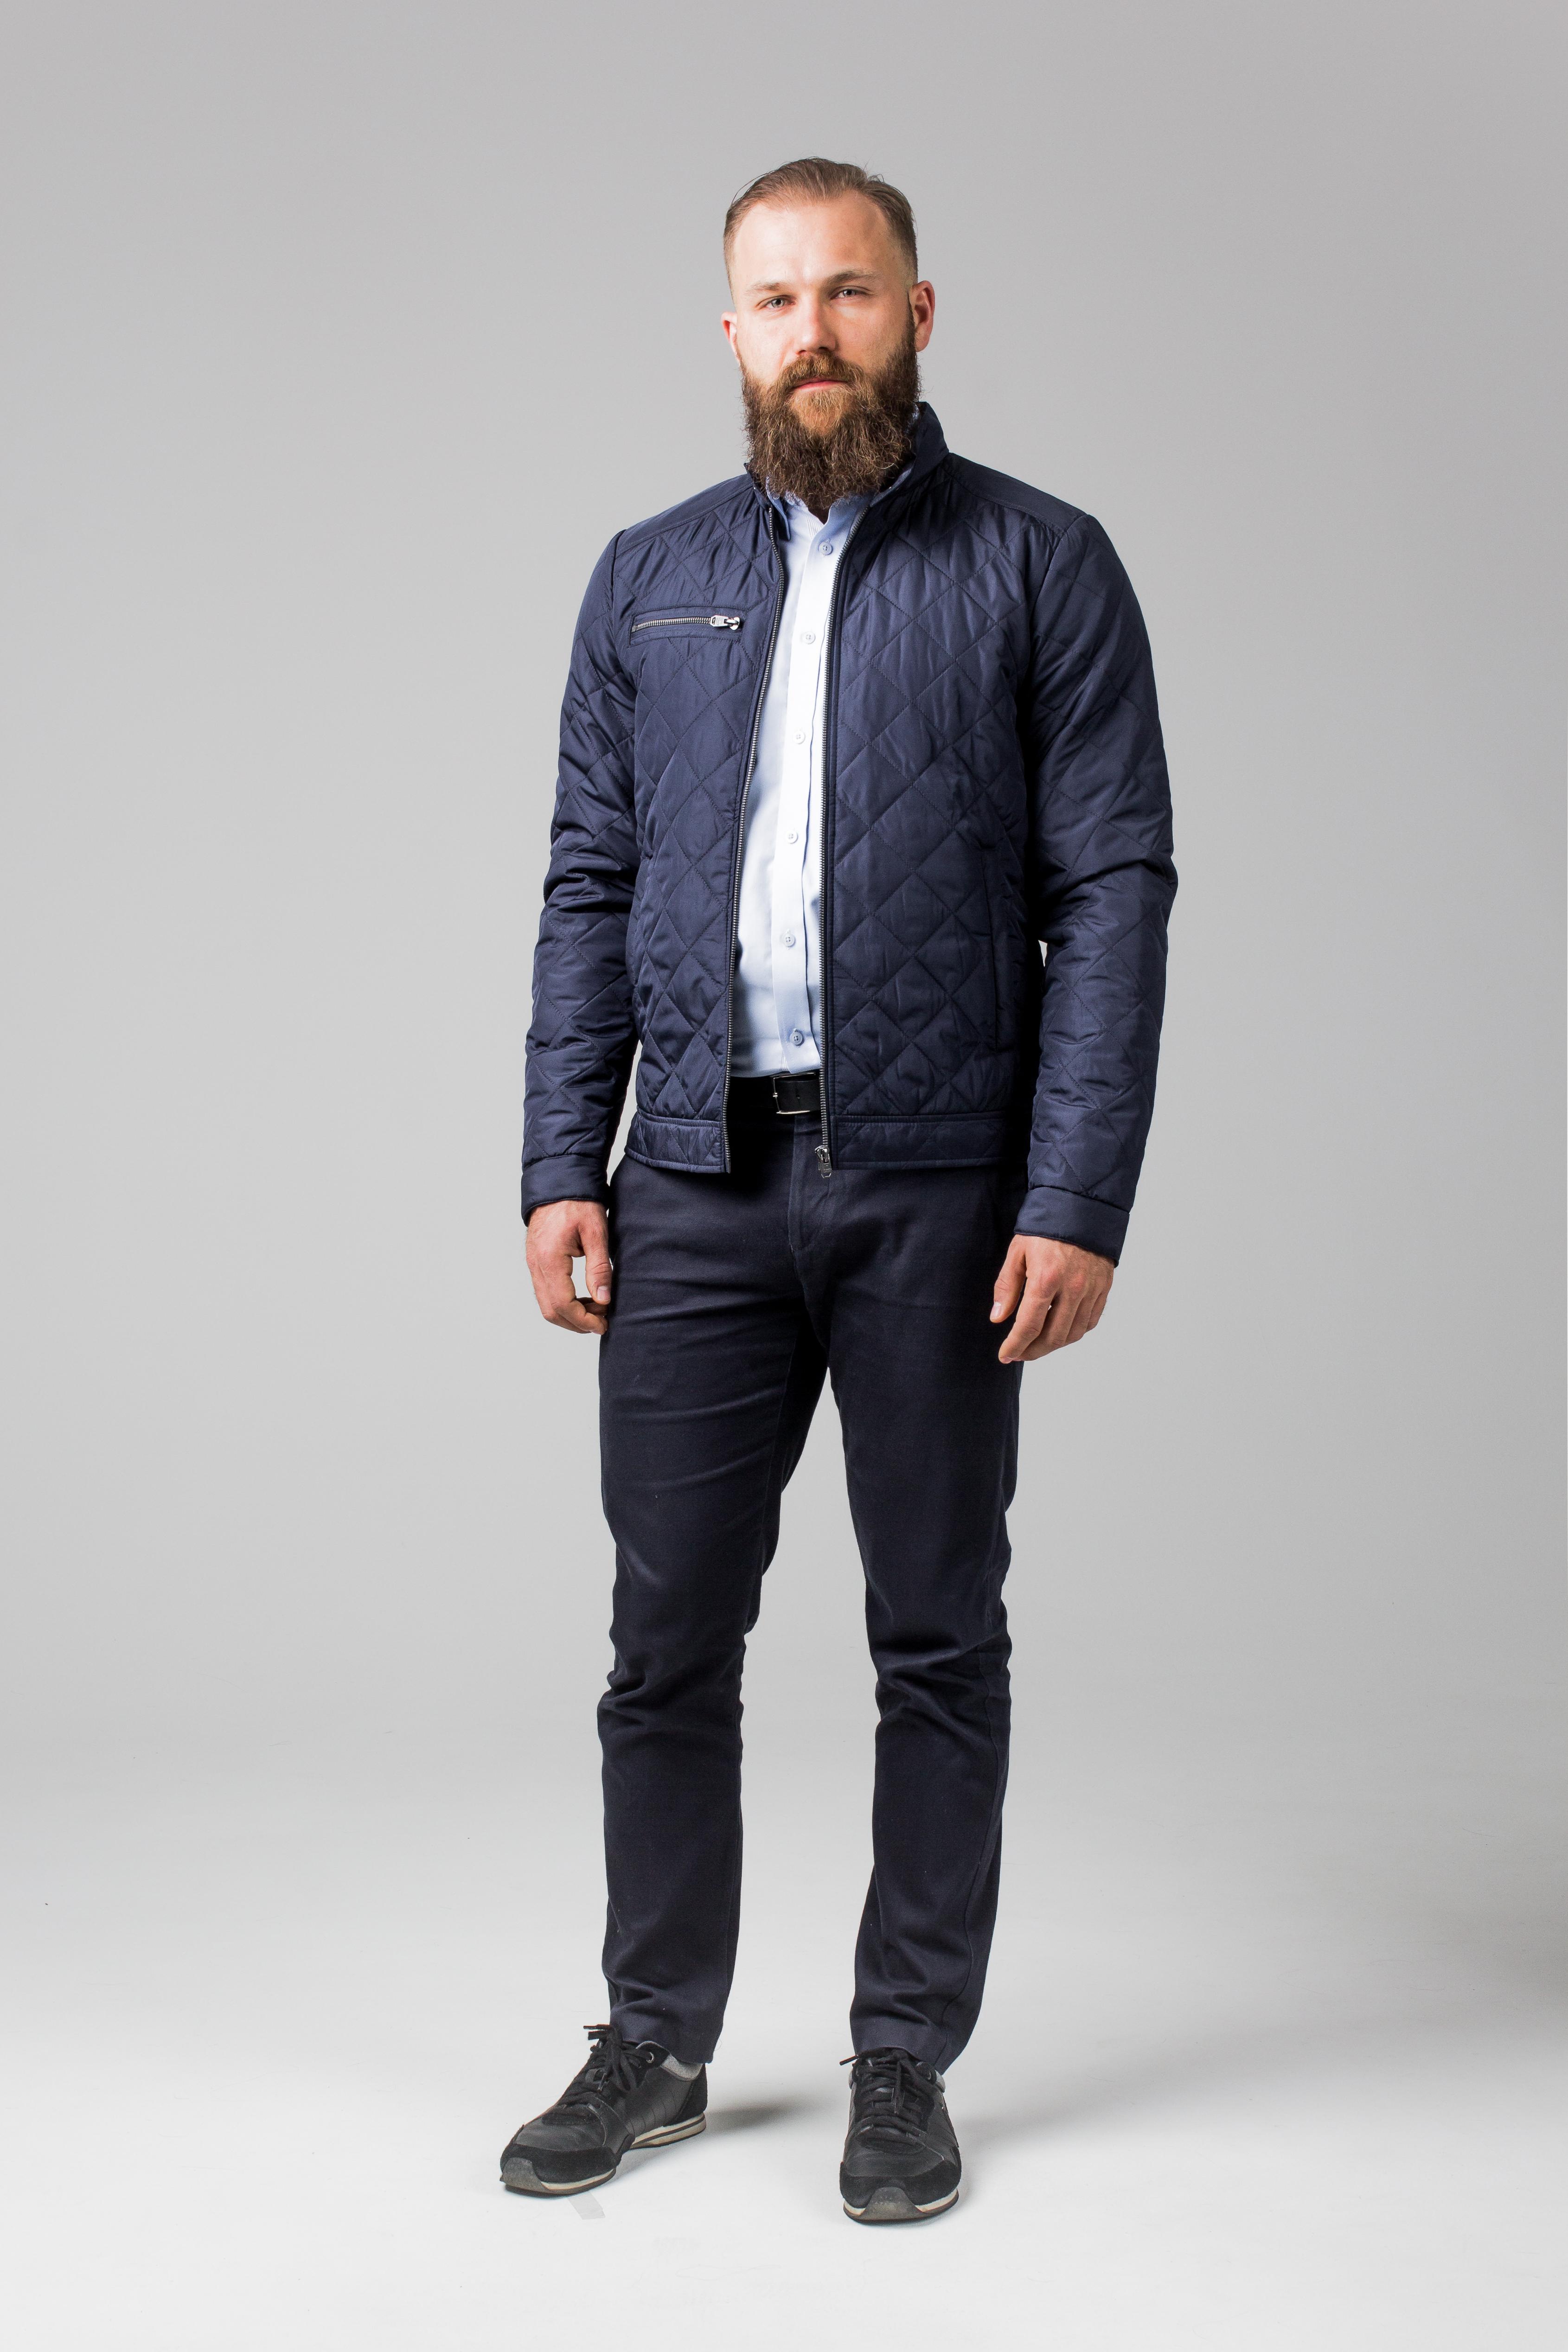 Dress Code Kurtka męska MK 0730